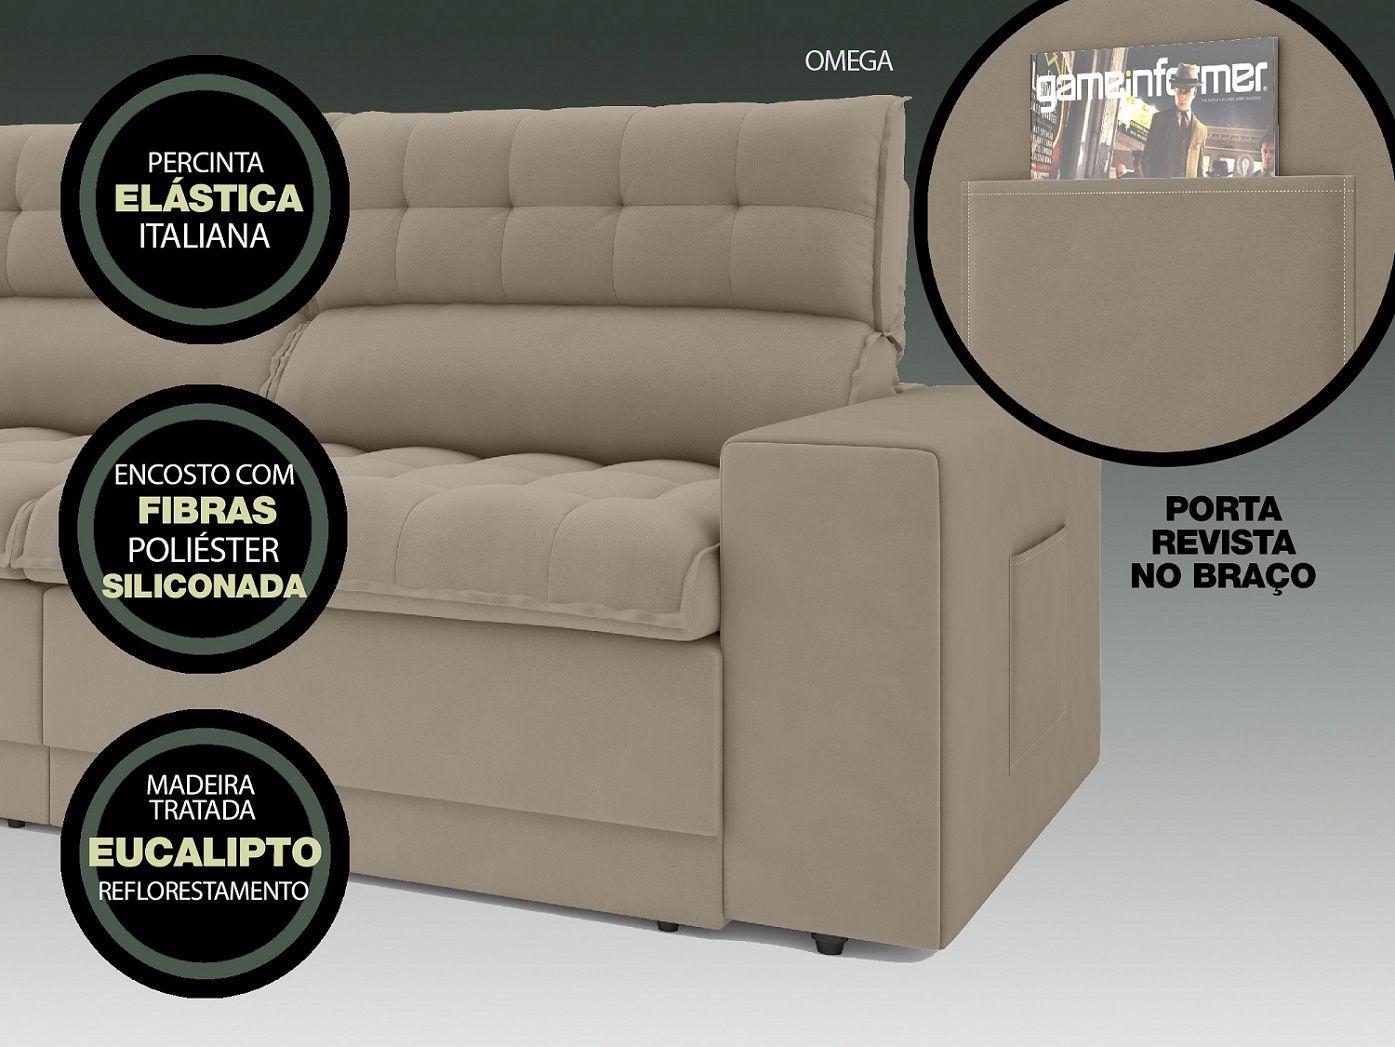 Sofá Omega 2,30m Assento Retrátil e Reclinável Velosuede Capuccino - NETSOFAS